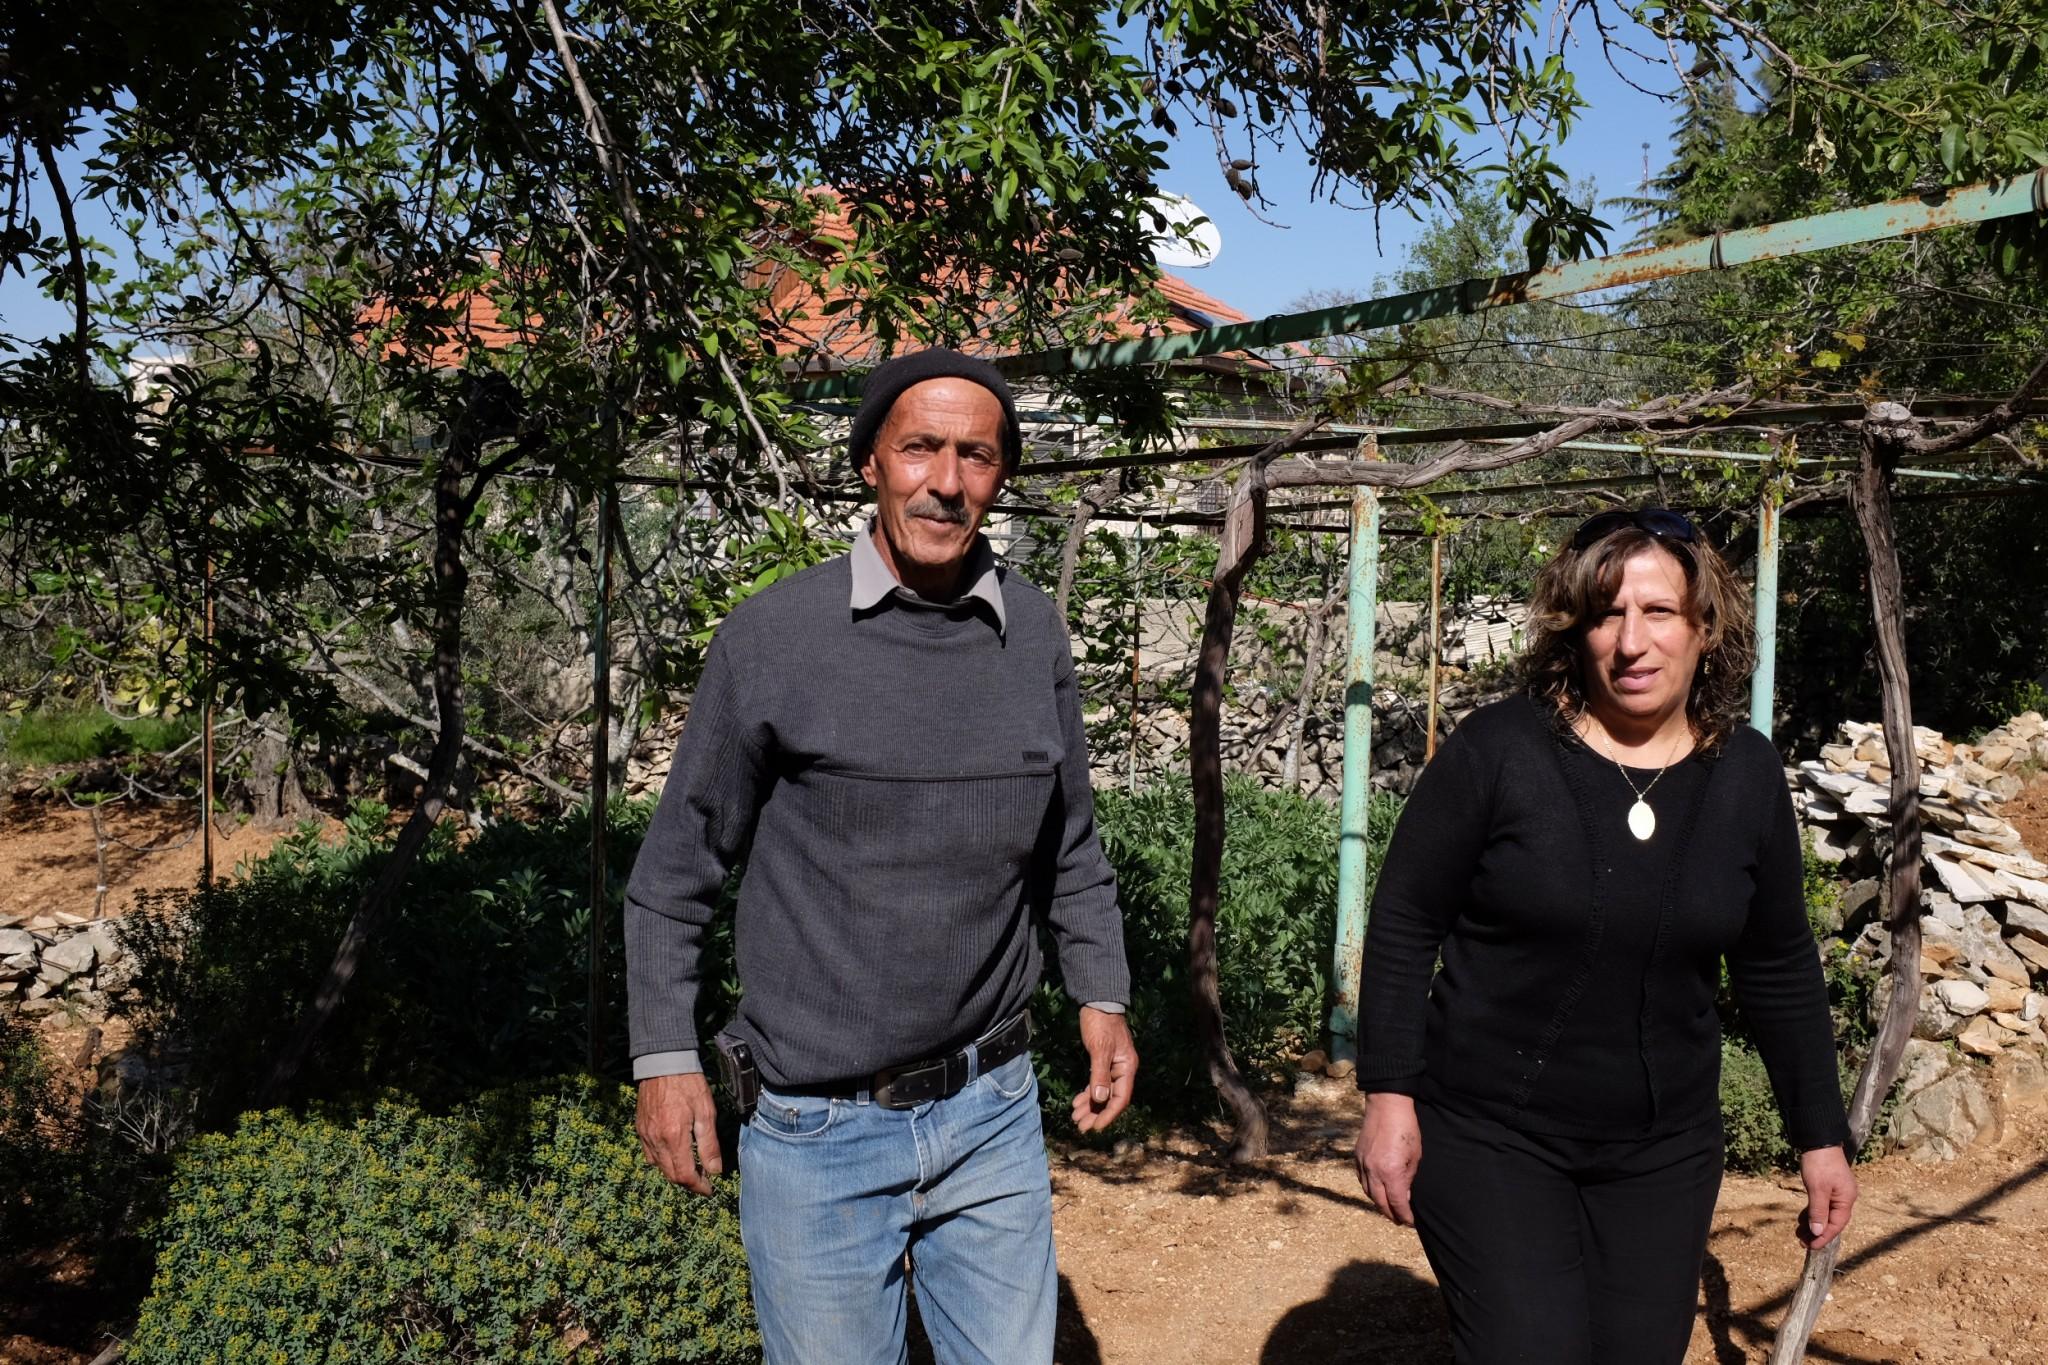 كاترين وإبراهيم صرّاص، والدا نسرين، في حديقة بيتهم، بيت جالا. تصوير: أليكس ليـﭭـاك